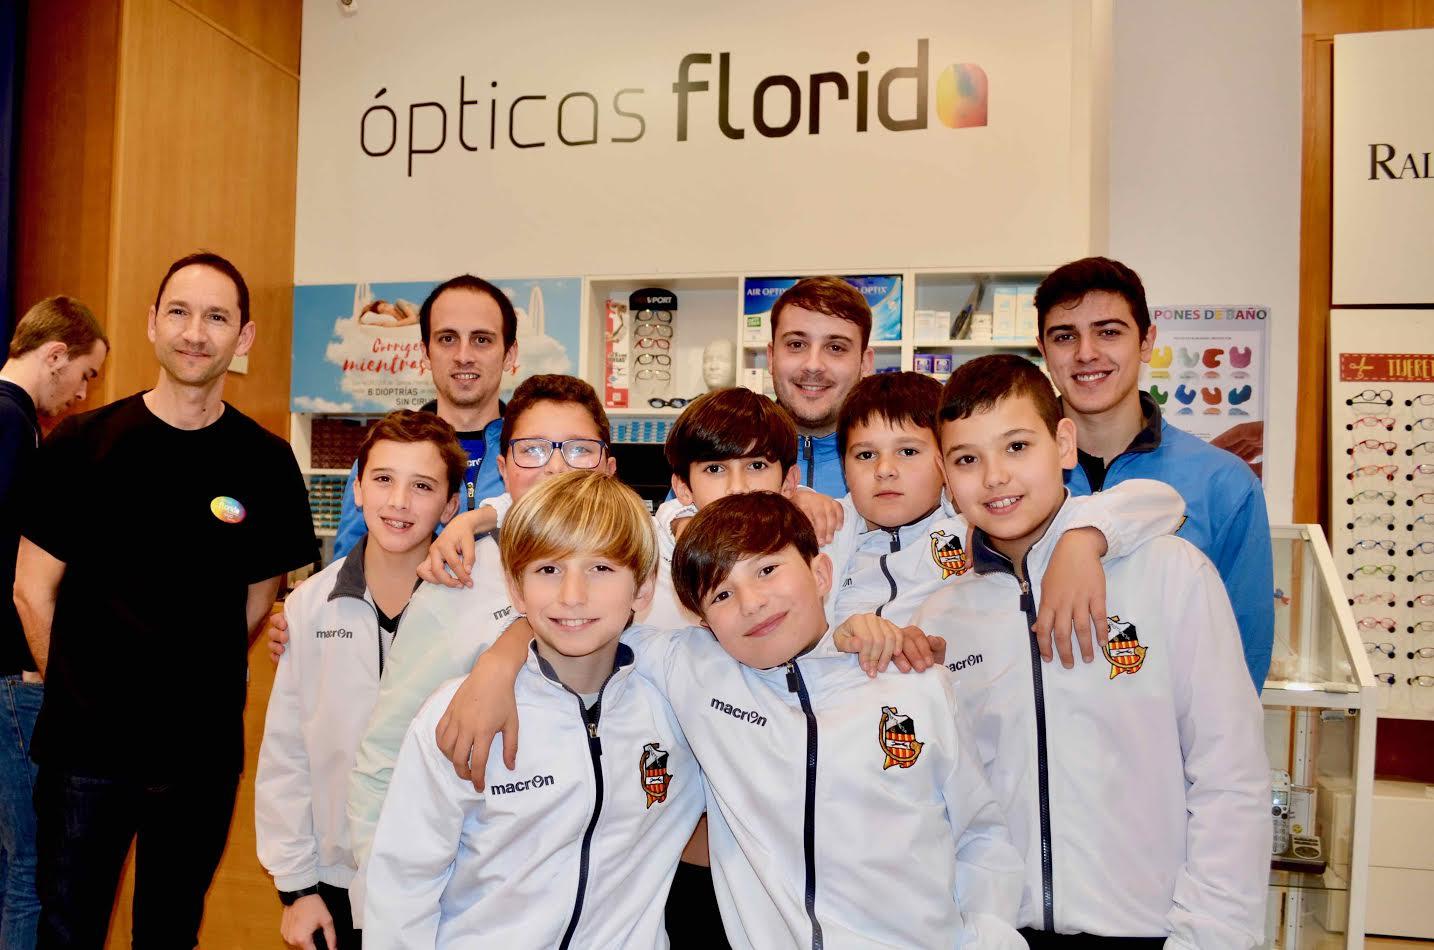 Visita formativa de nuestro Alevín D a Ópticas Florida ...